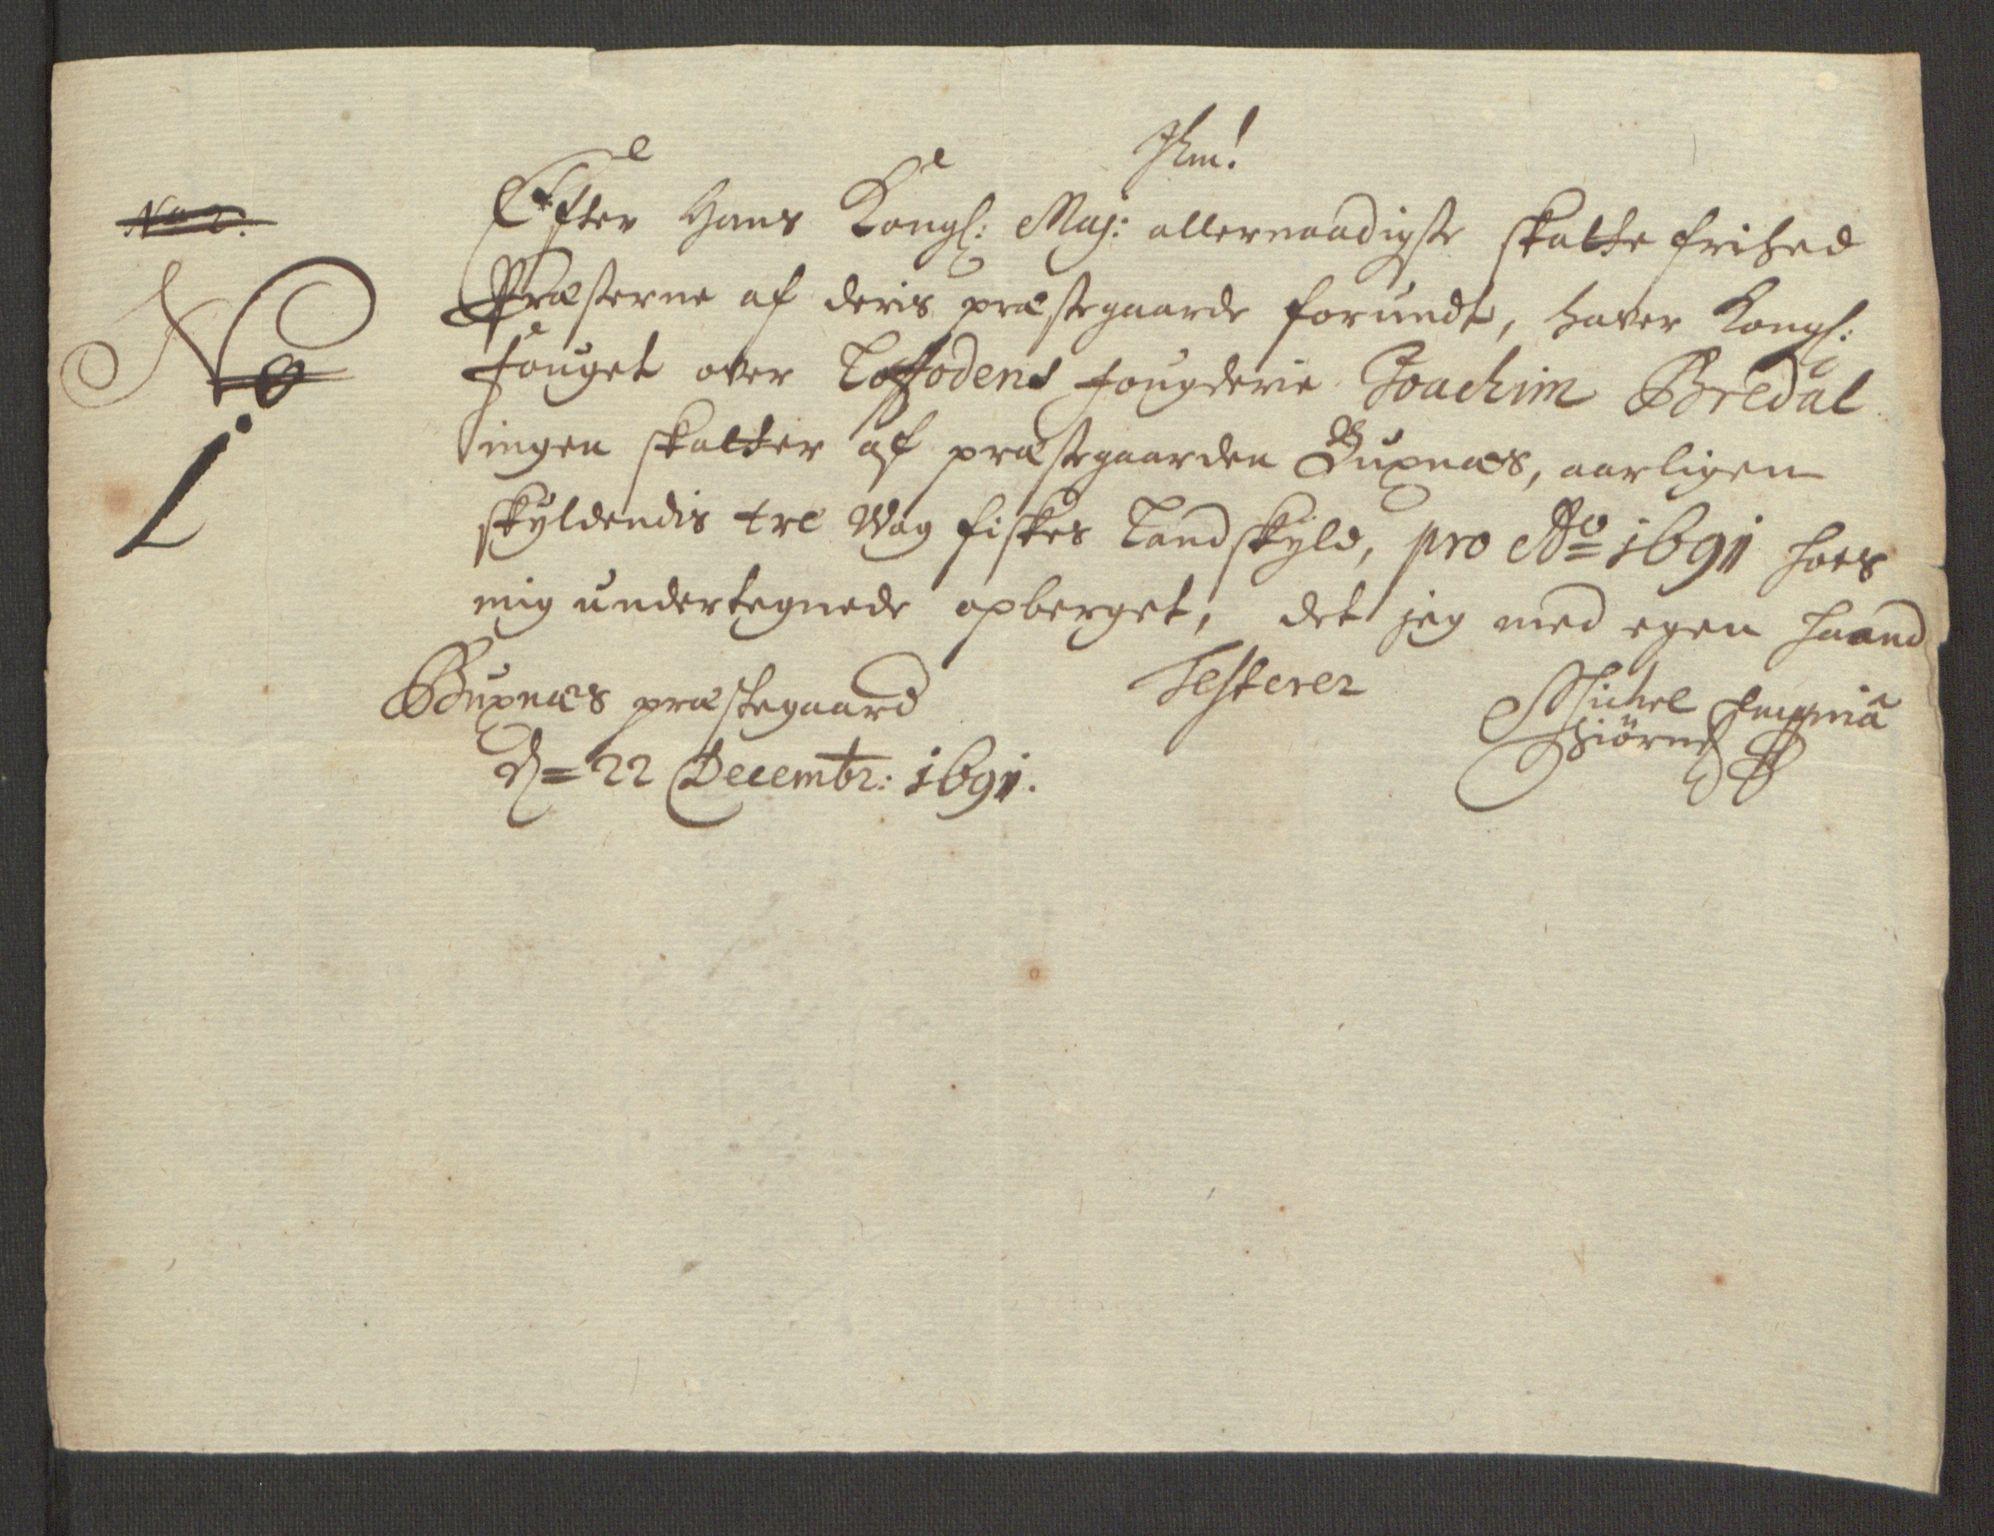 RA, Rentekammeret inntil 1814, Reviderte regnskaper, Fogderegnskap, R67/L4675: Fogderegnskap Vesterålen, Andenes og Lofoten, 1691-1693, s. 89